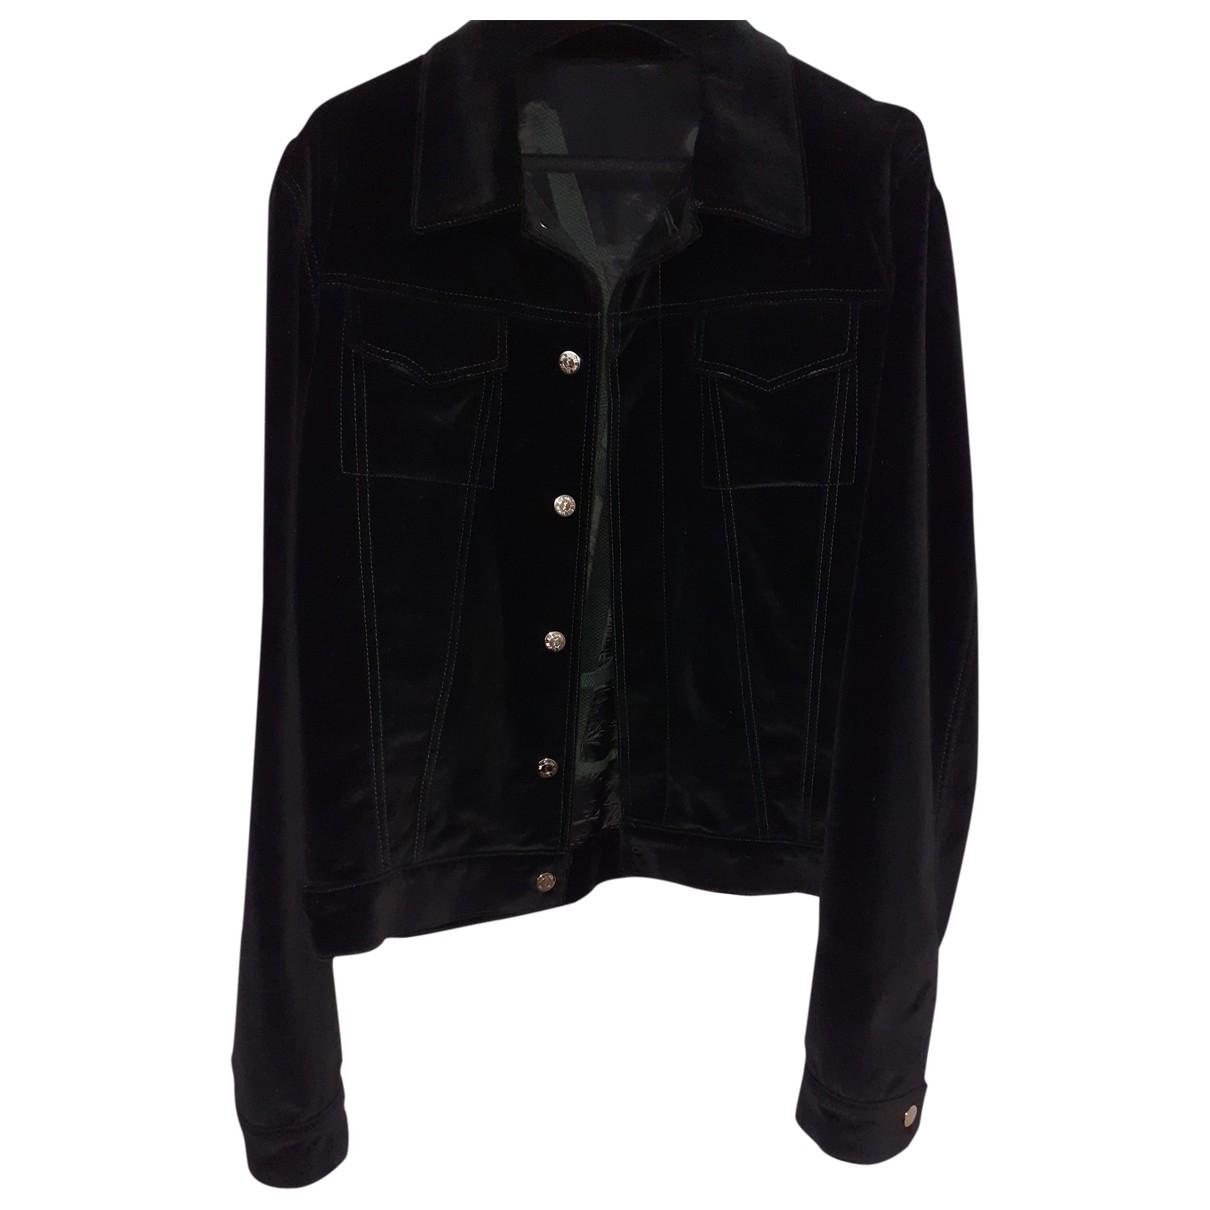 Yves Saint Laurent - Vestes.Blousons   pour homme en coton - noir